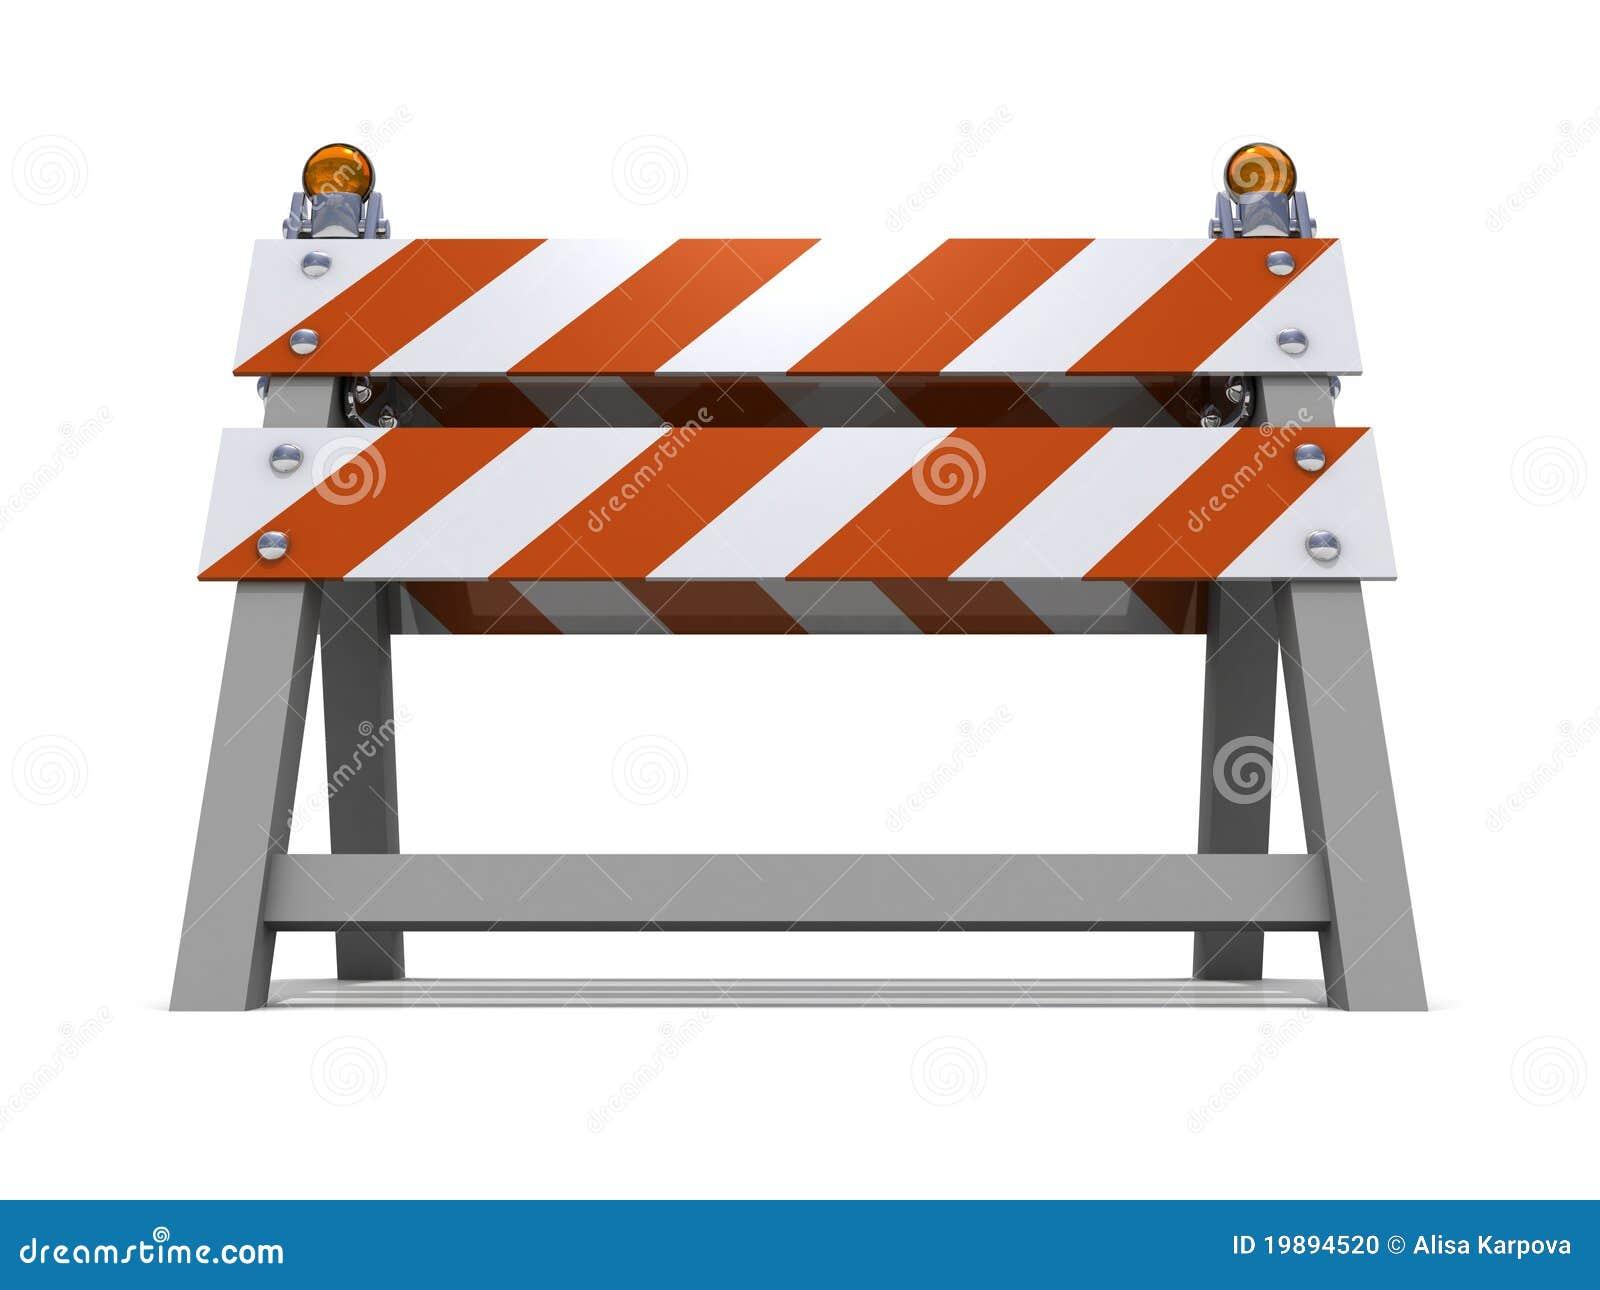 Orange road barrier under consruction stock illustration